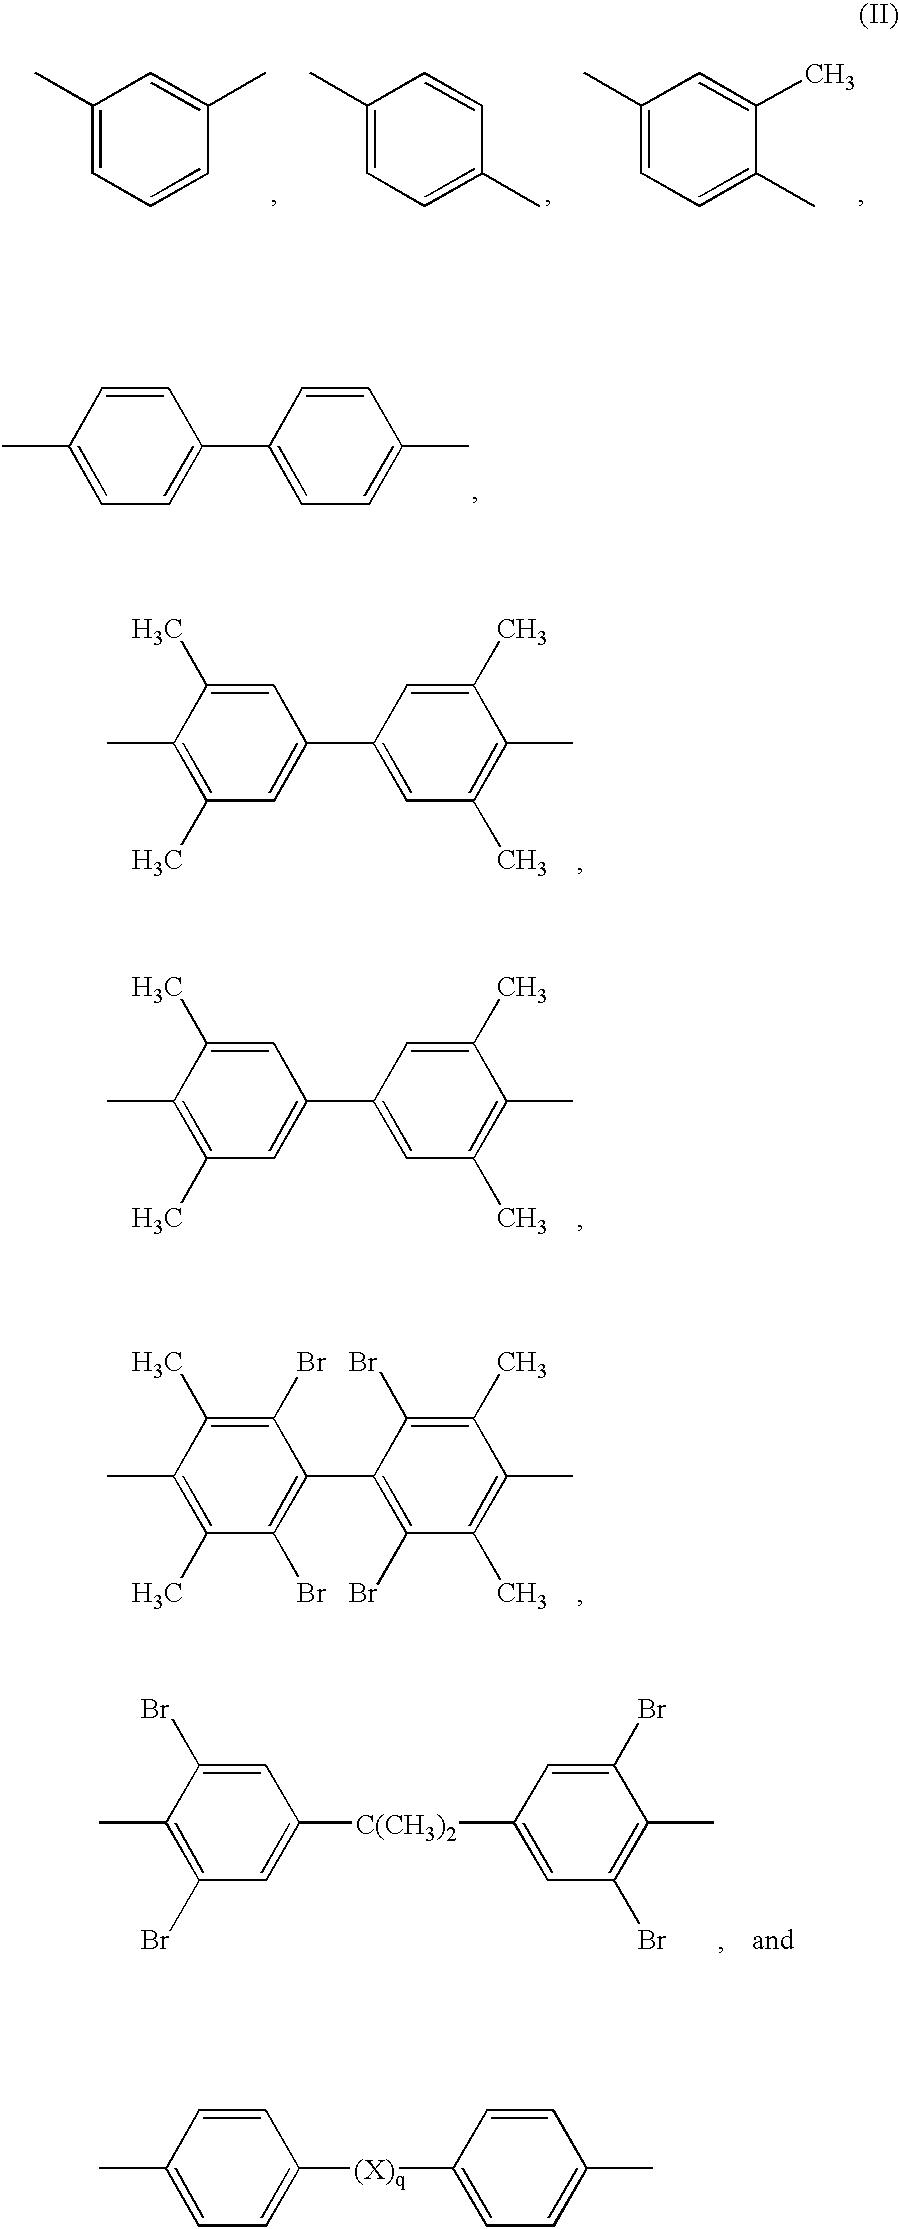 Figure US06753365-20040622-C00002